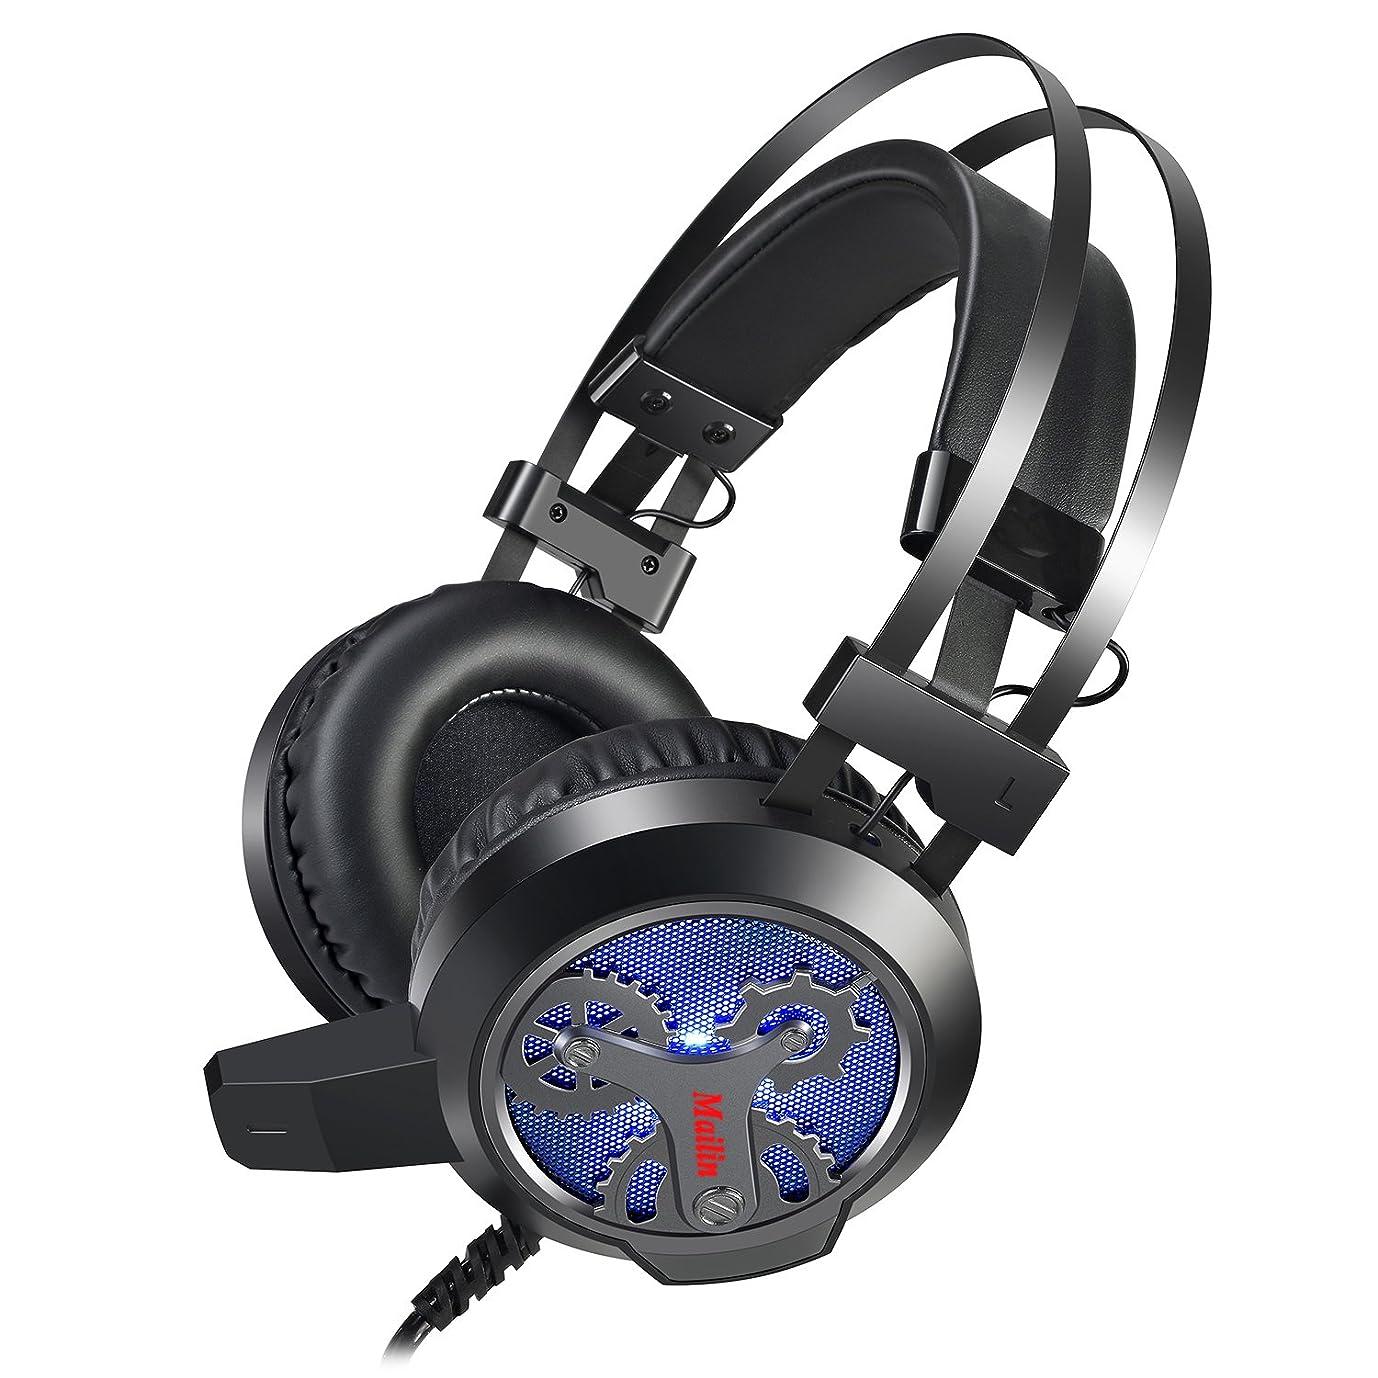 サーバント銅キャプチャーMailin g891ステレオゲーム用ヘッドセットProfessional Gamingヘッドフォン7.1チャンネルオーディオ/マイクノイズキャンセル/Adaptive Earmuffs グレイ MAI ERJI 01